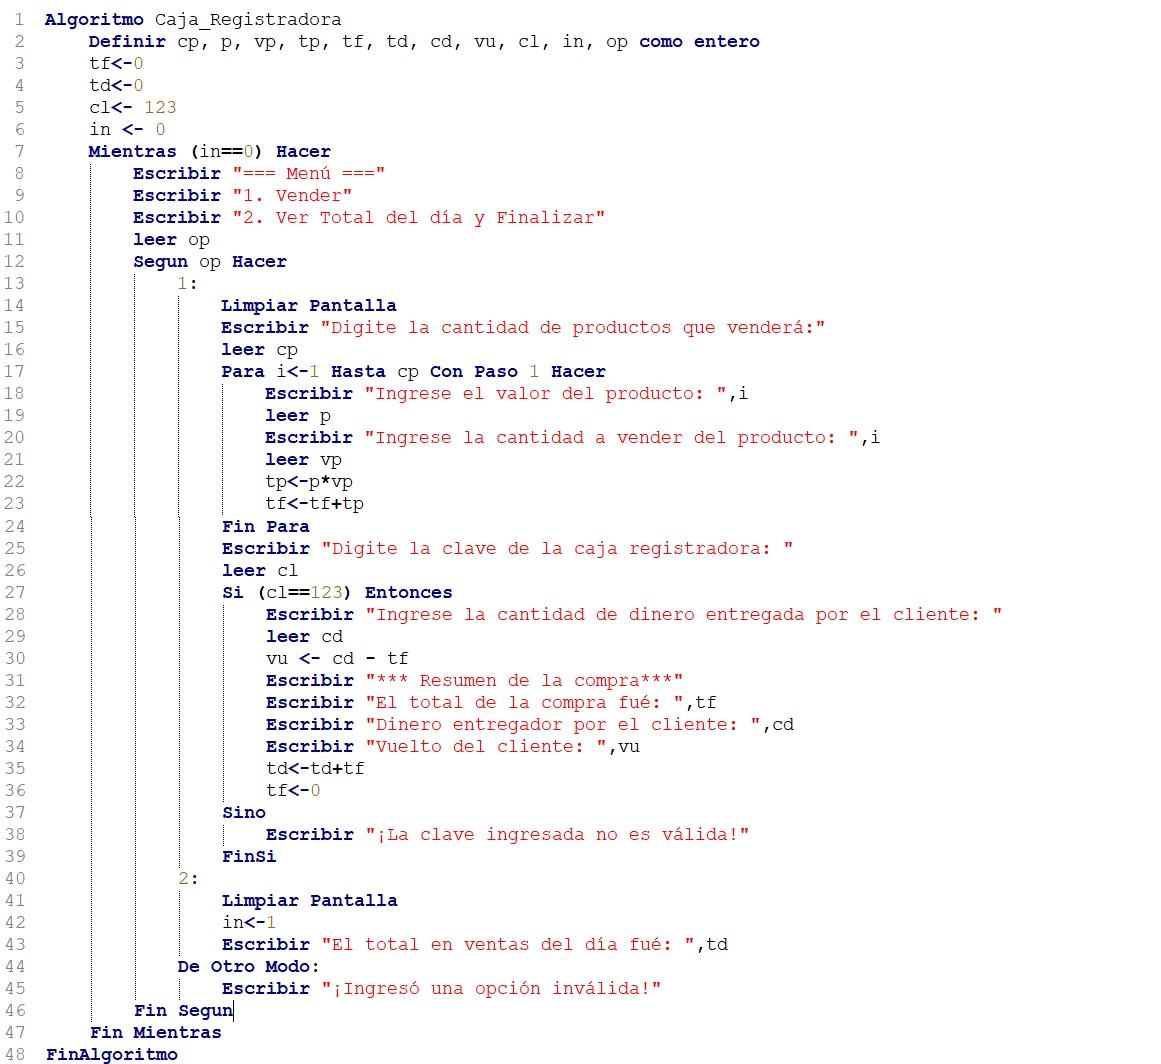 Algoritmo que se comporta como una caja registradora